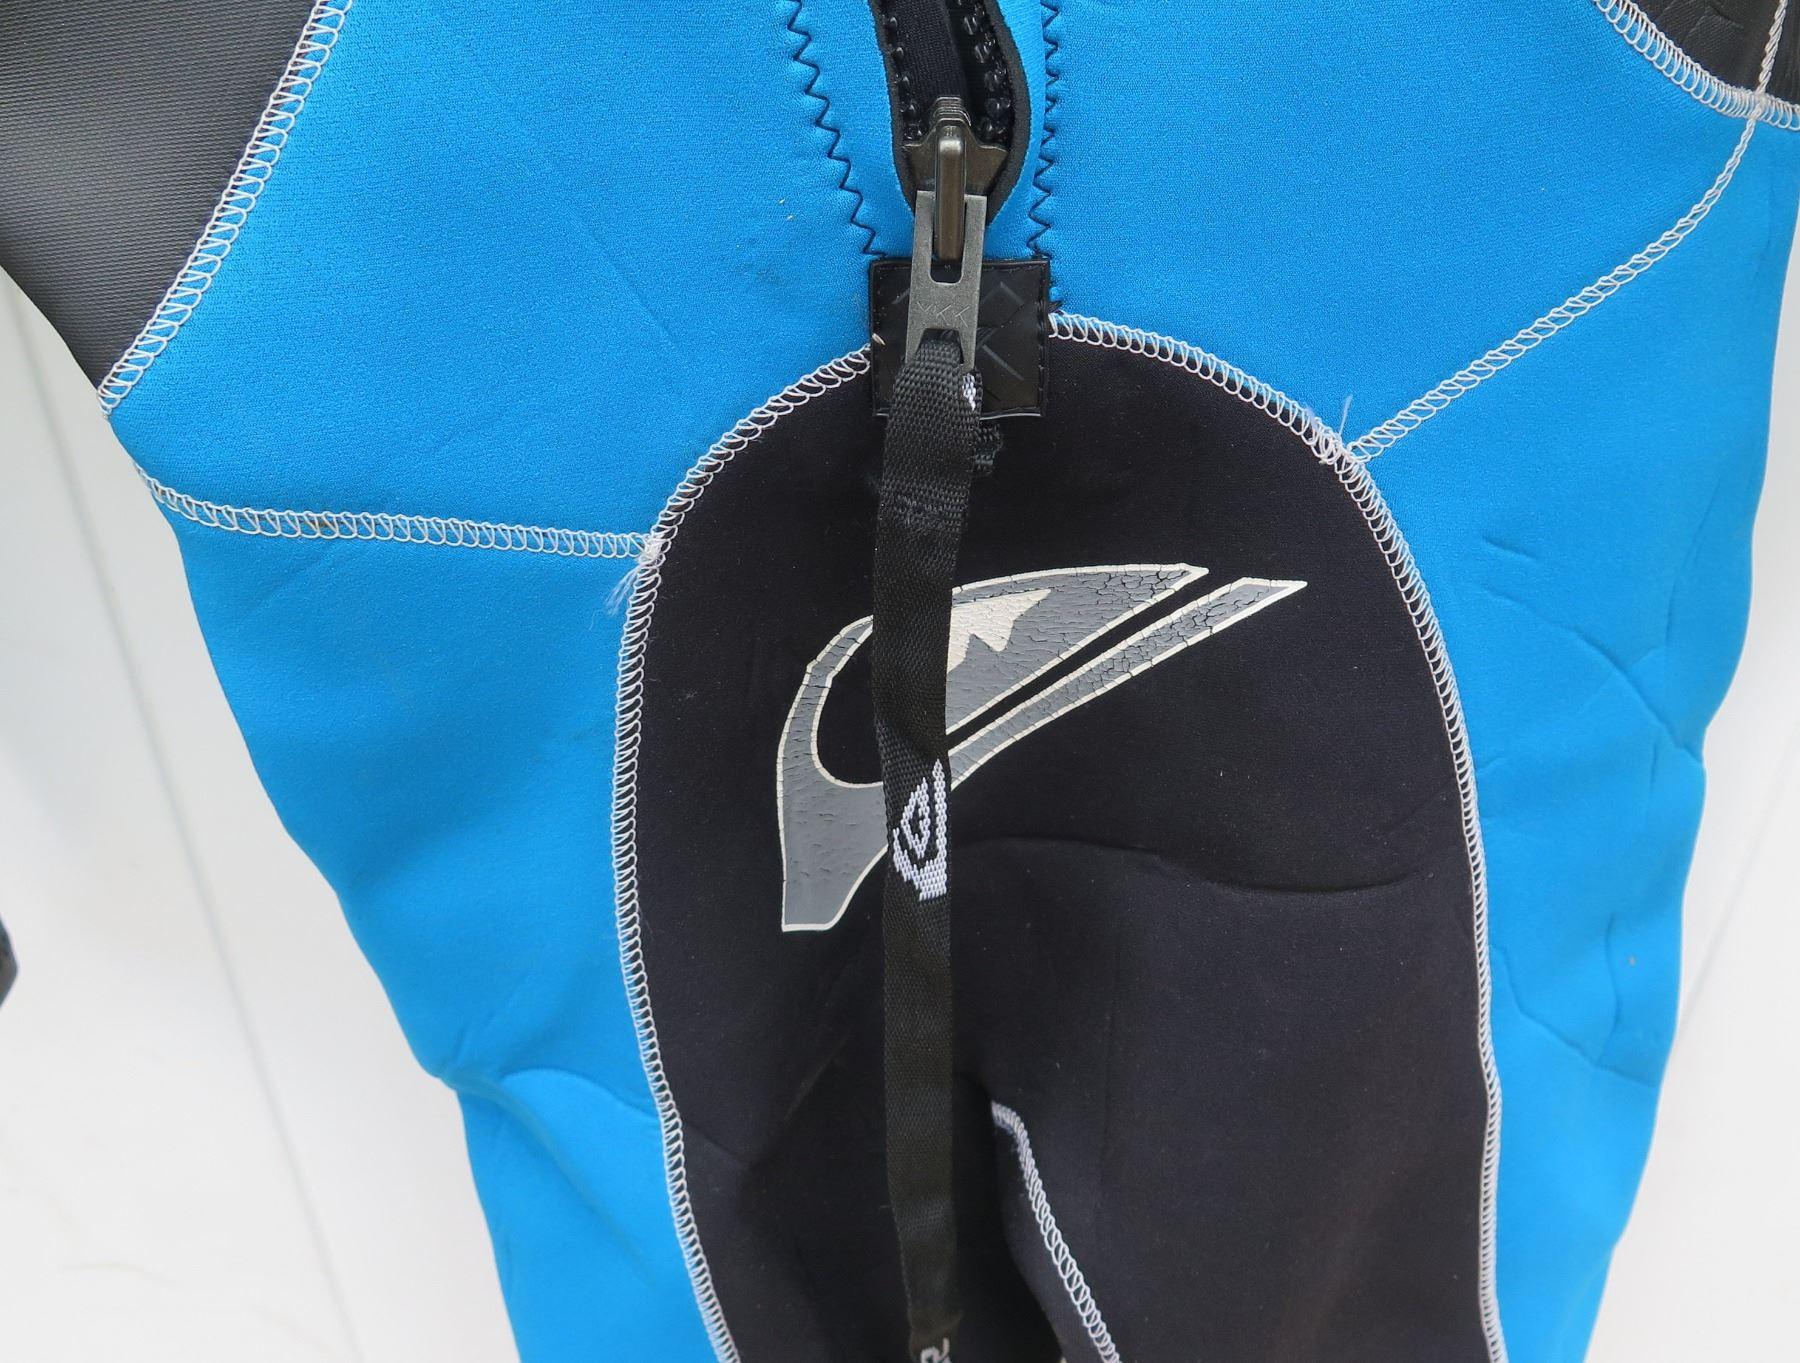 59fe1b95e3 ... Image 10   Wetsuit - Mens Quiksilver Stormproof Wet Suit size M ...